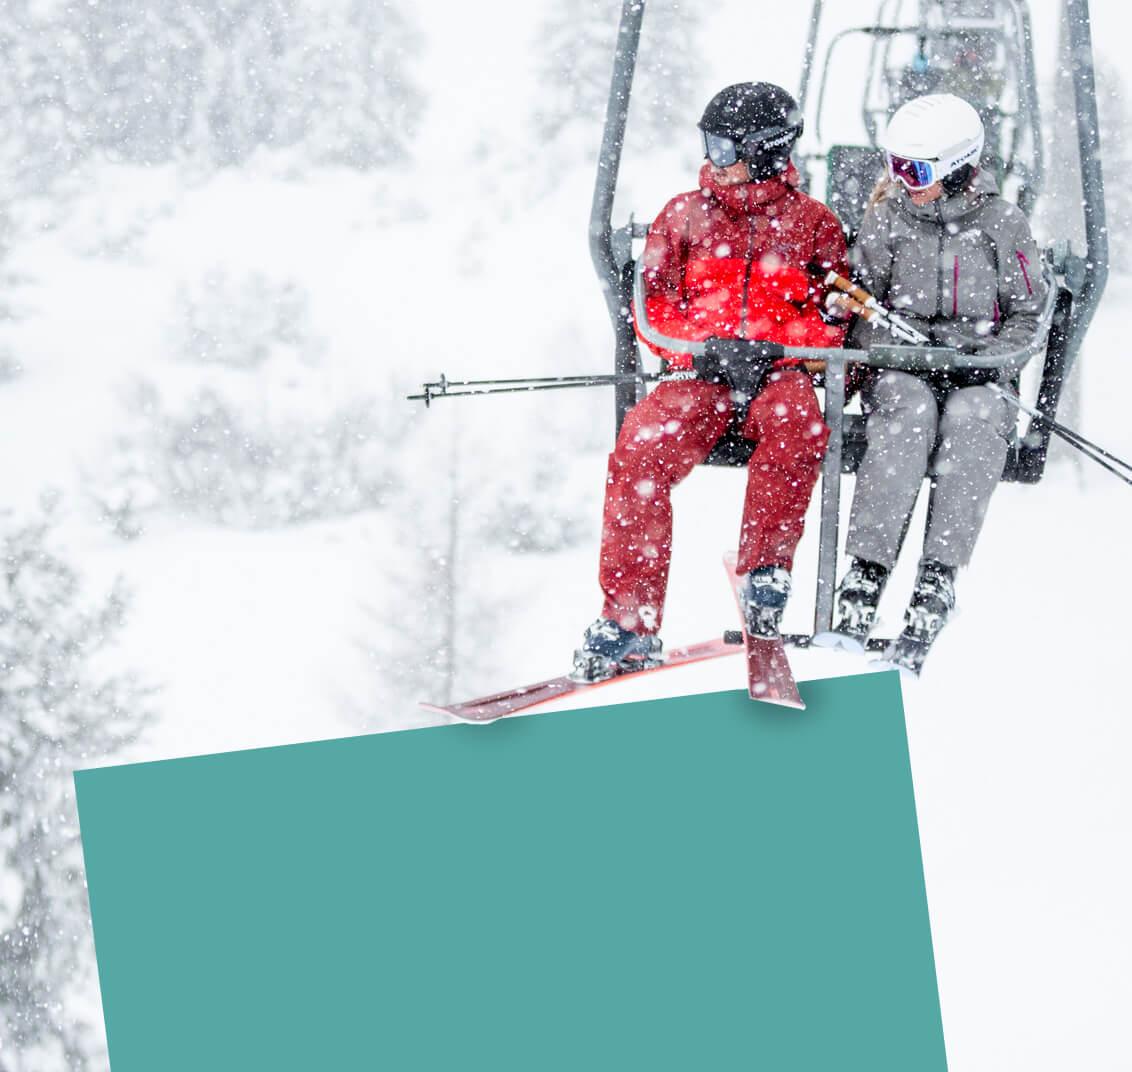 Snowboard, articoli snowboard, accessori